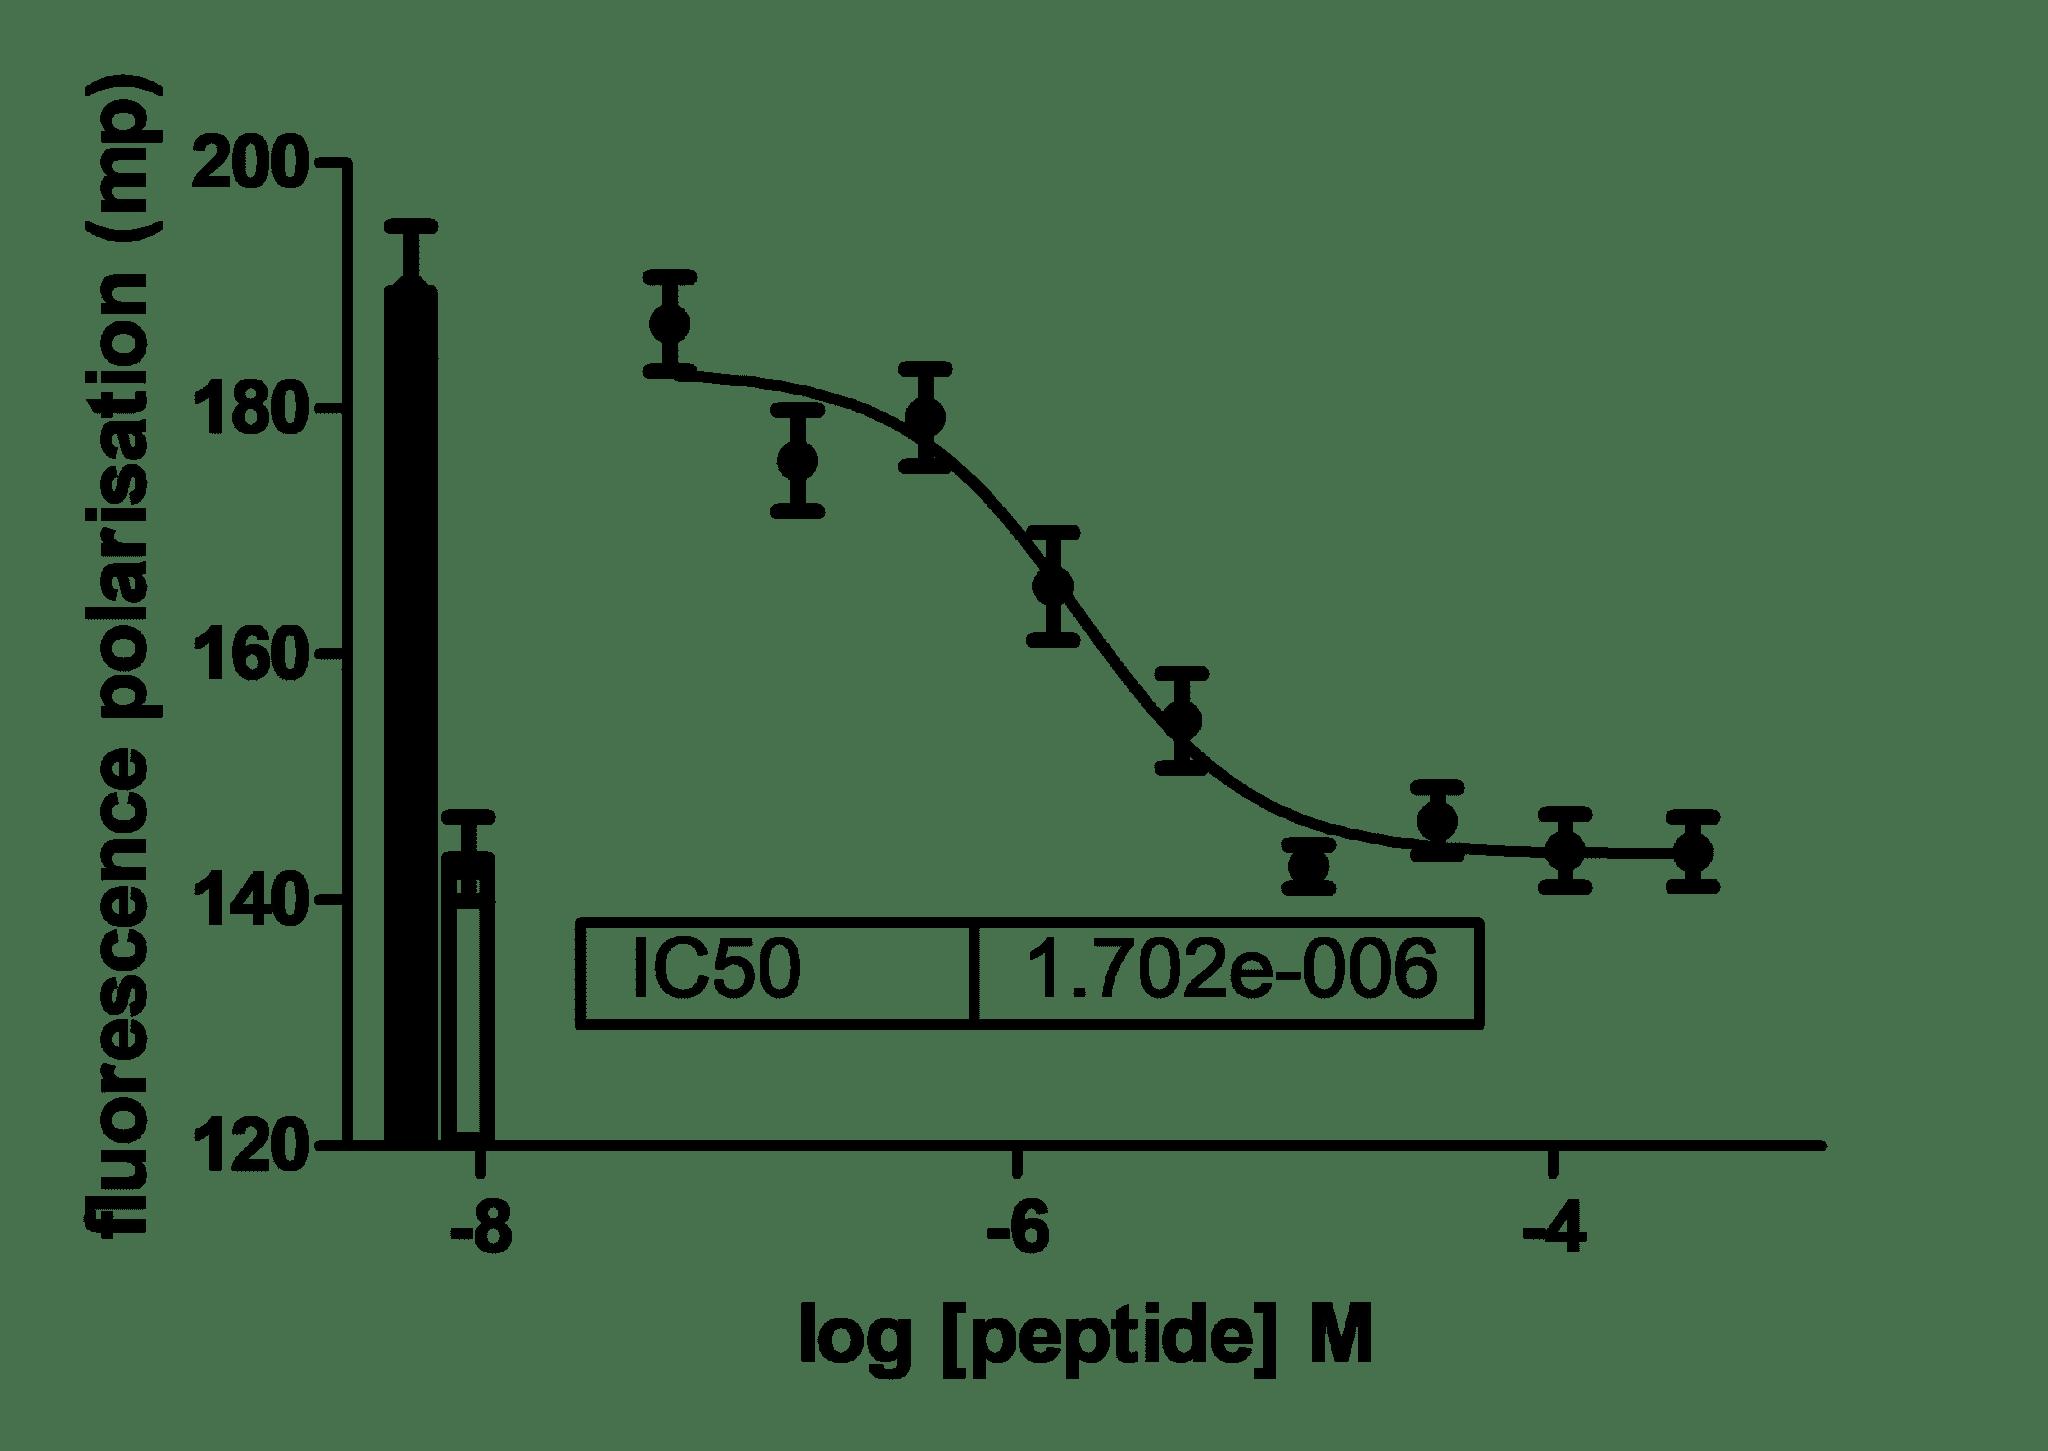 Positive Control Compound Concentration Response